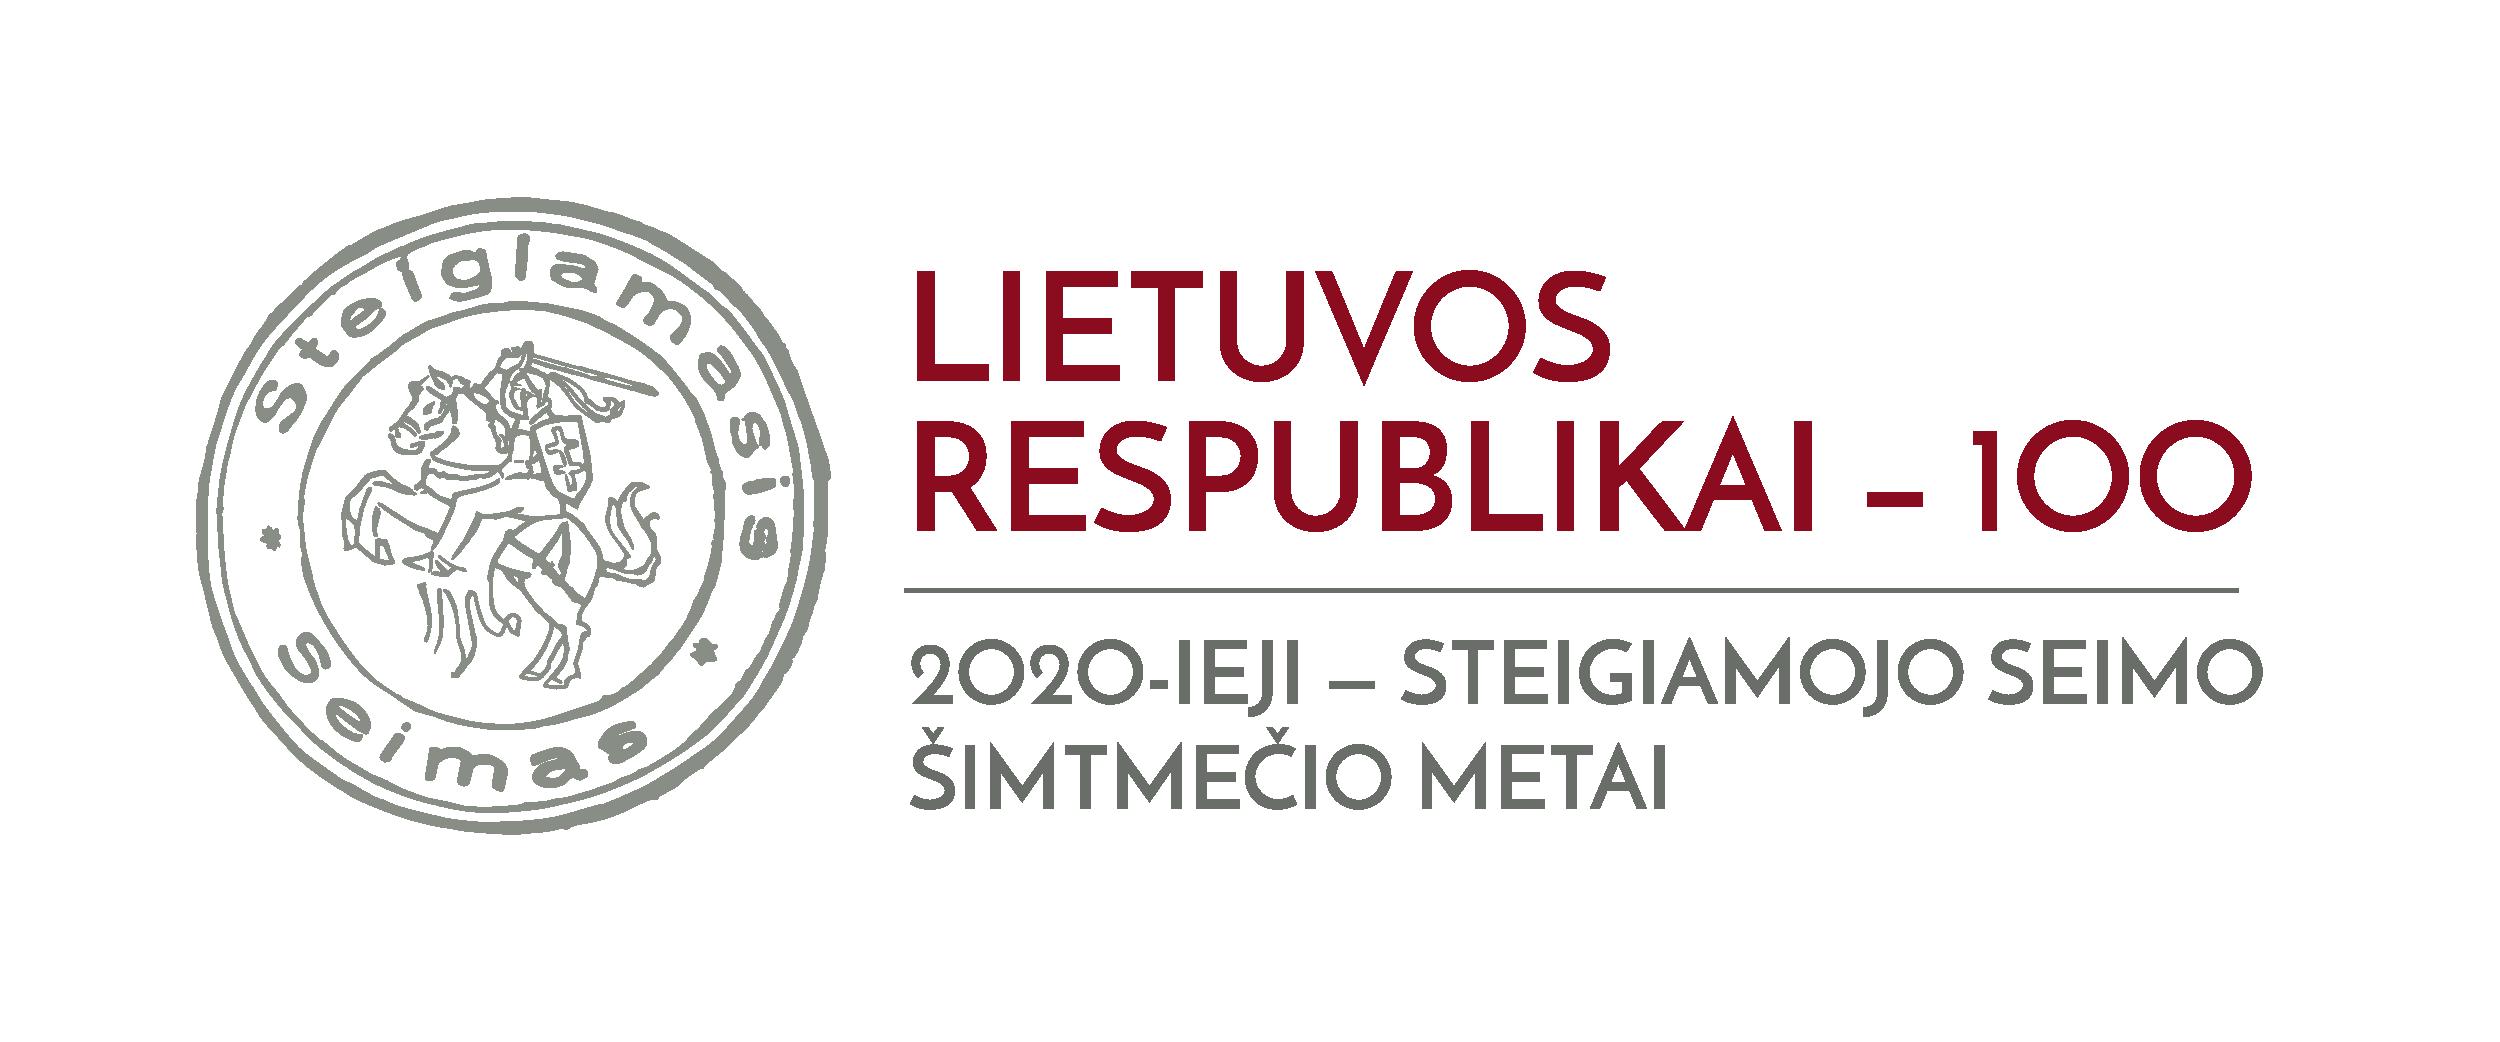 Lietuvos respublikai - 100-lrs.lt